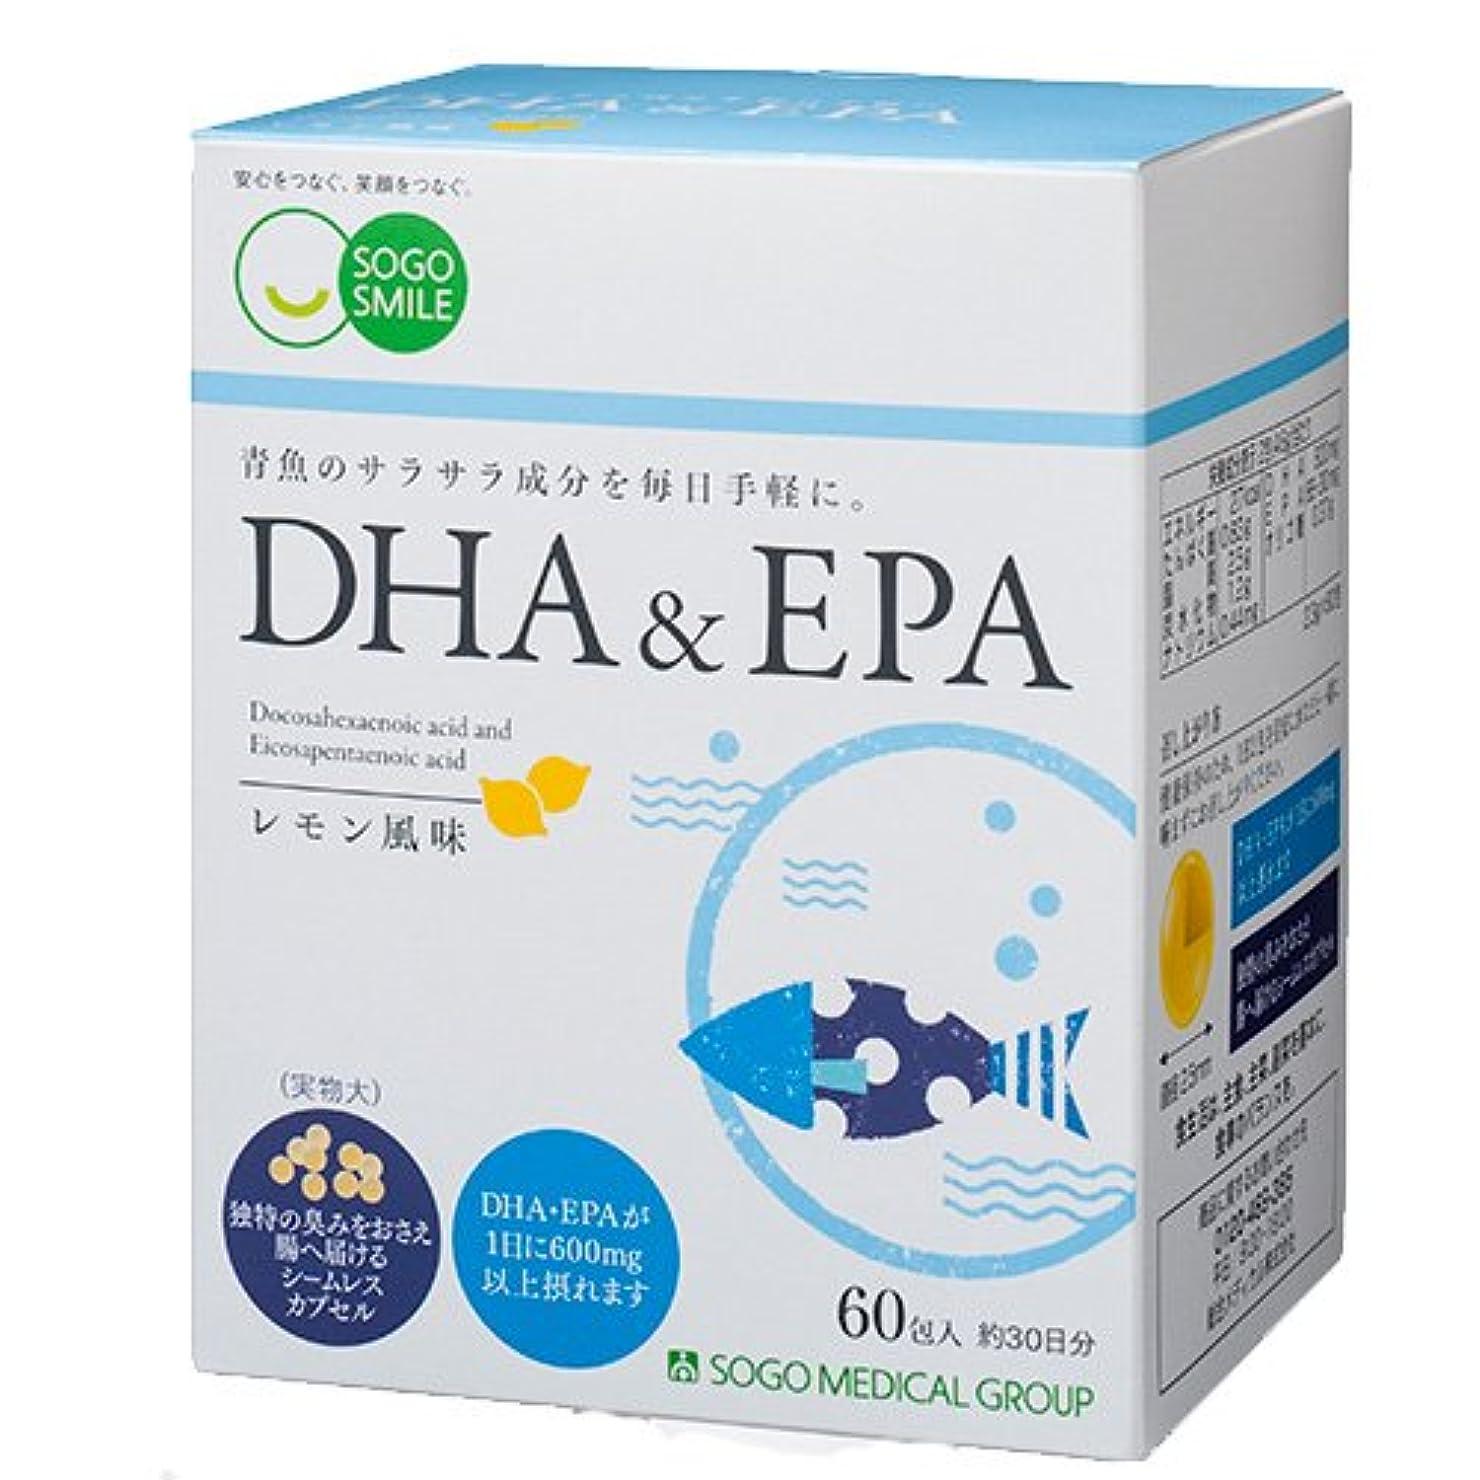 受益者インストール事故総合メディカル DHA&EPA(2.3g ×60 包)DHA含有精製魚油加工食品